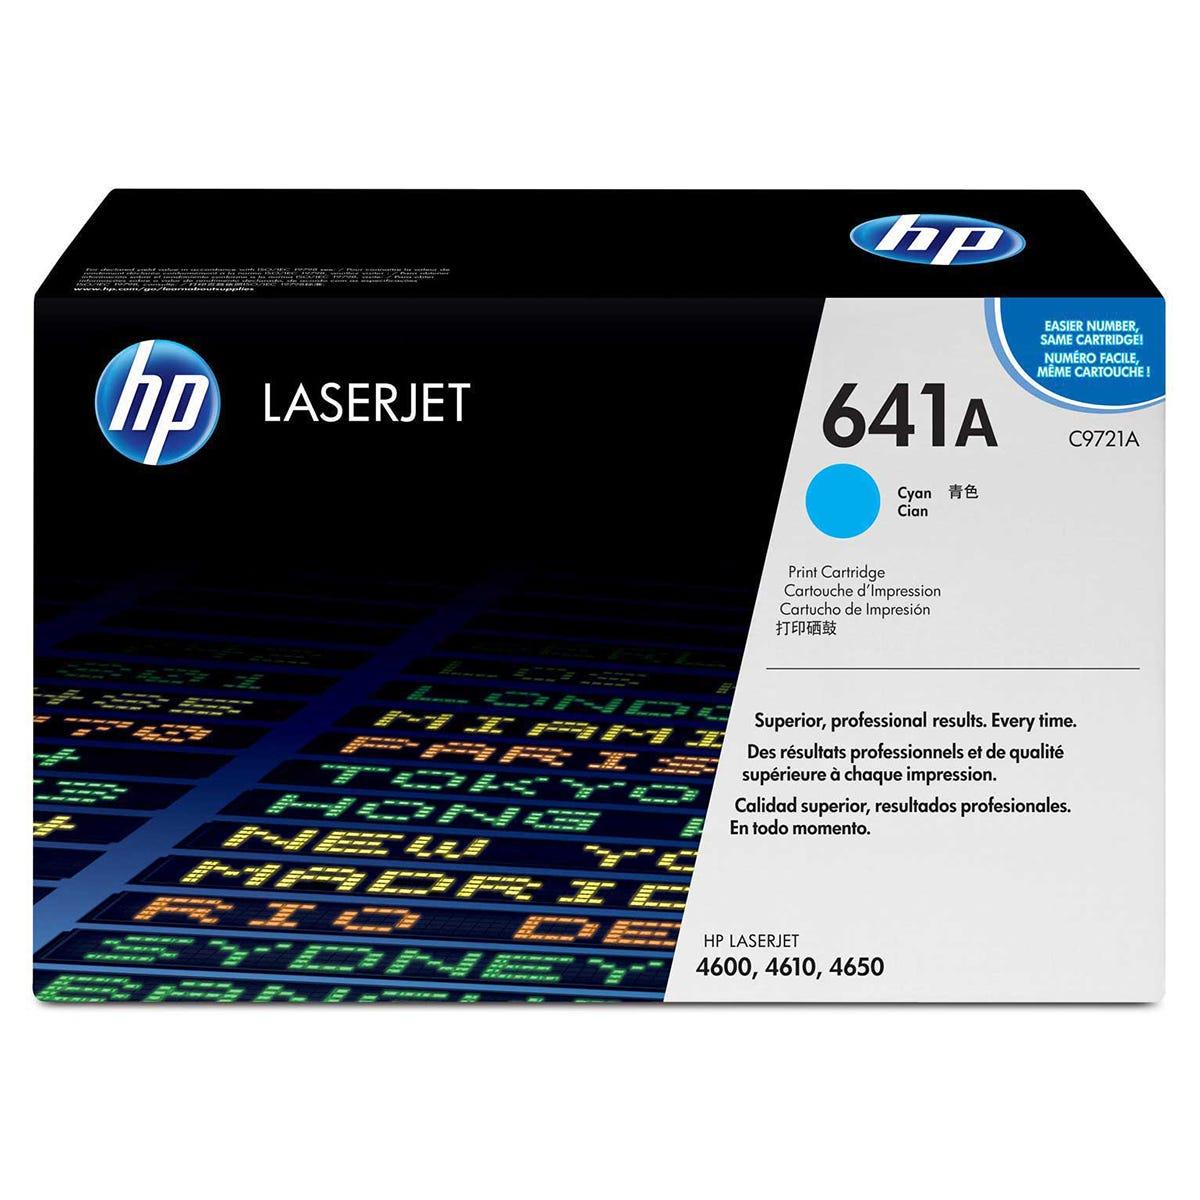 Image of HP 641A Laserjet Printer Ink Toner Cartridge C9721A, Cyan